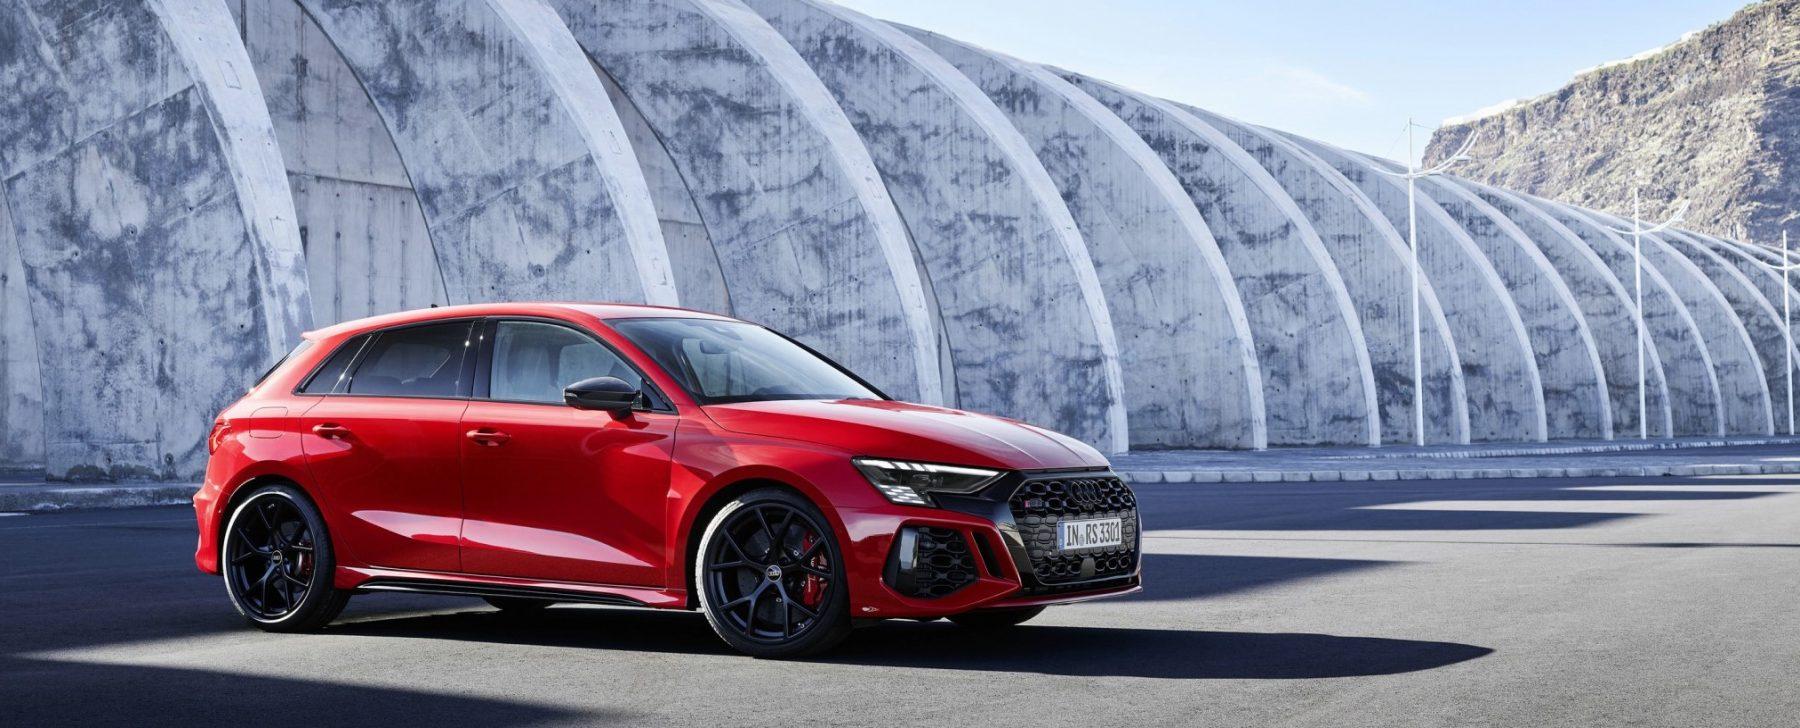 Audi RS 3, el compacto supervitaminado